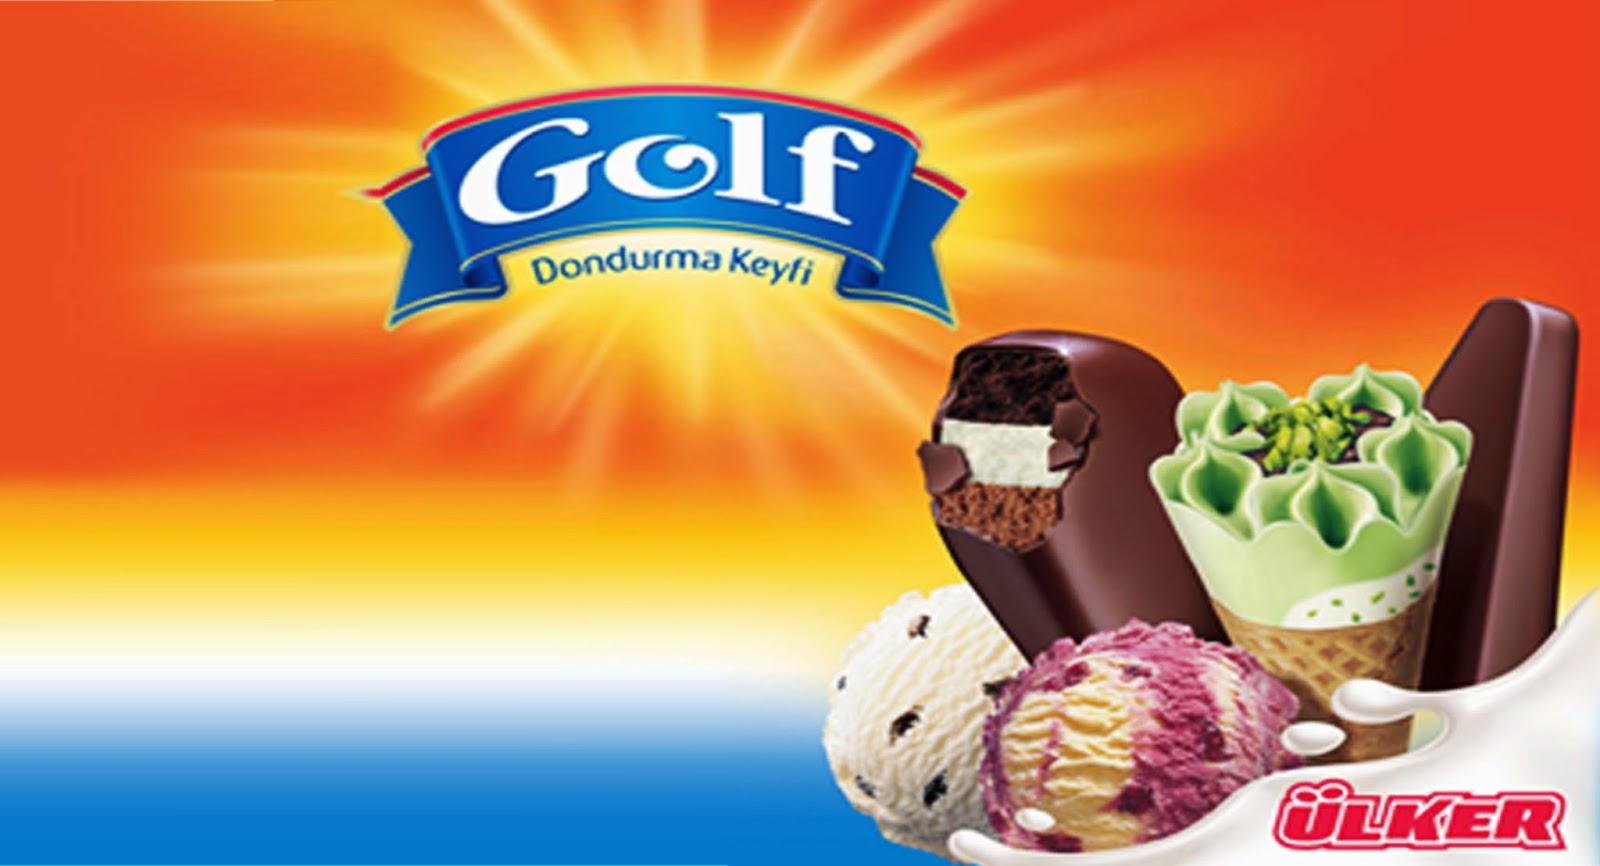 Dondurma Fiyatları